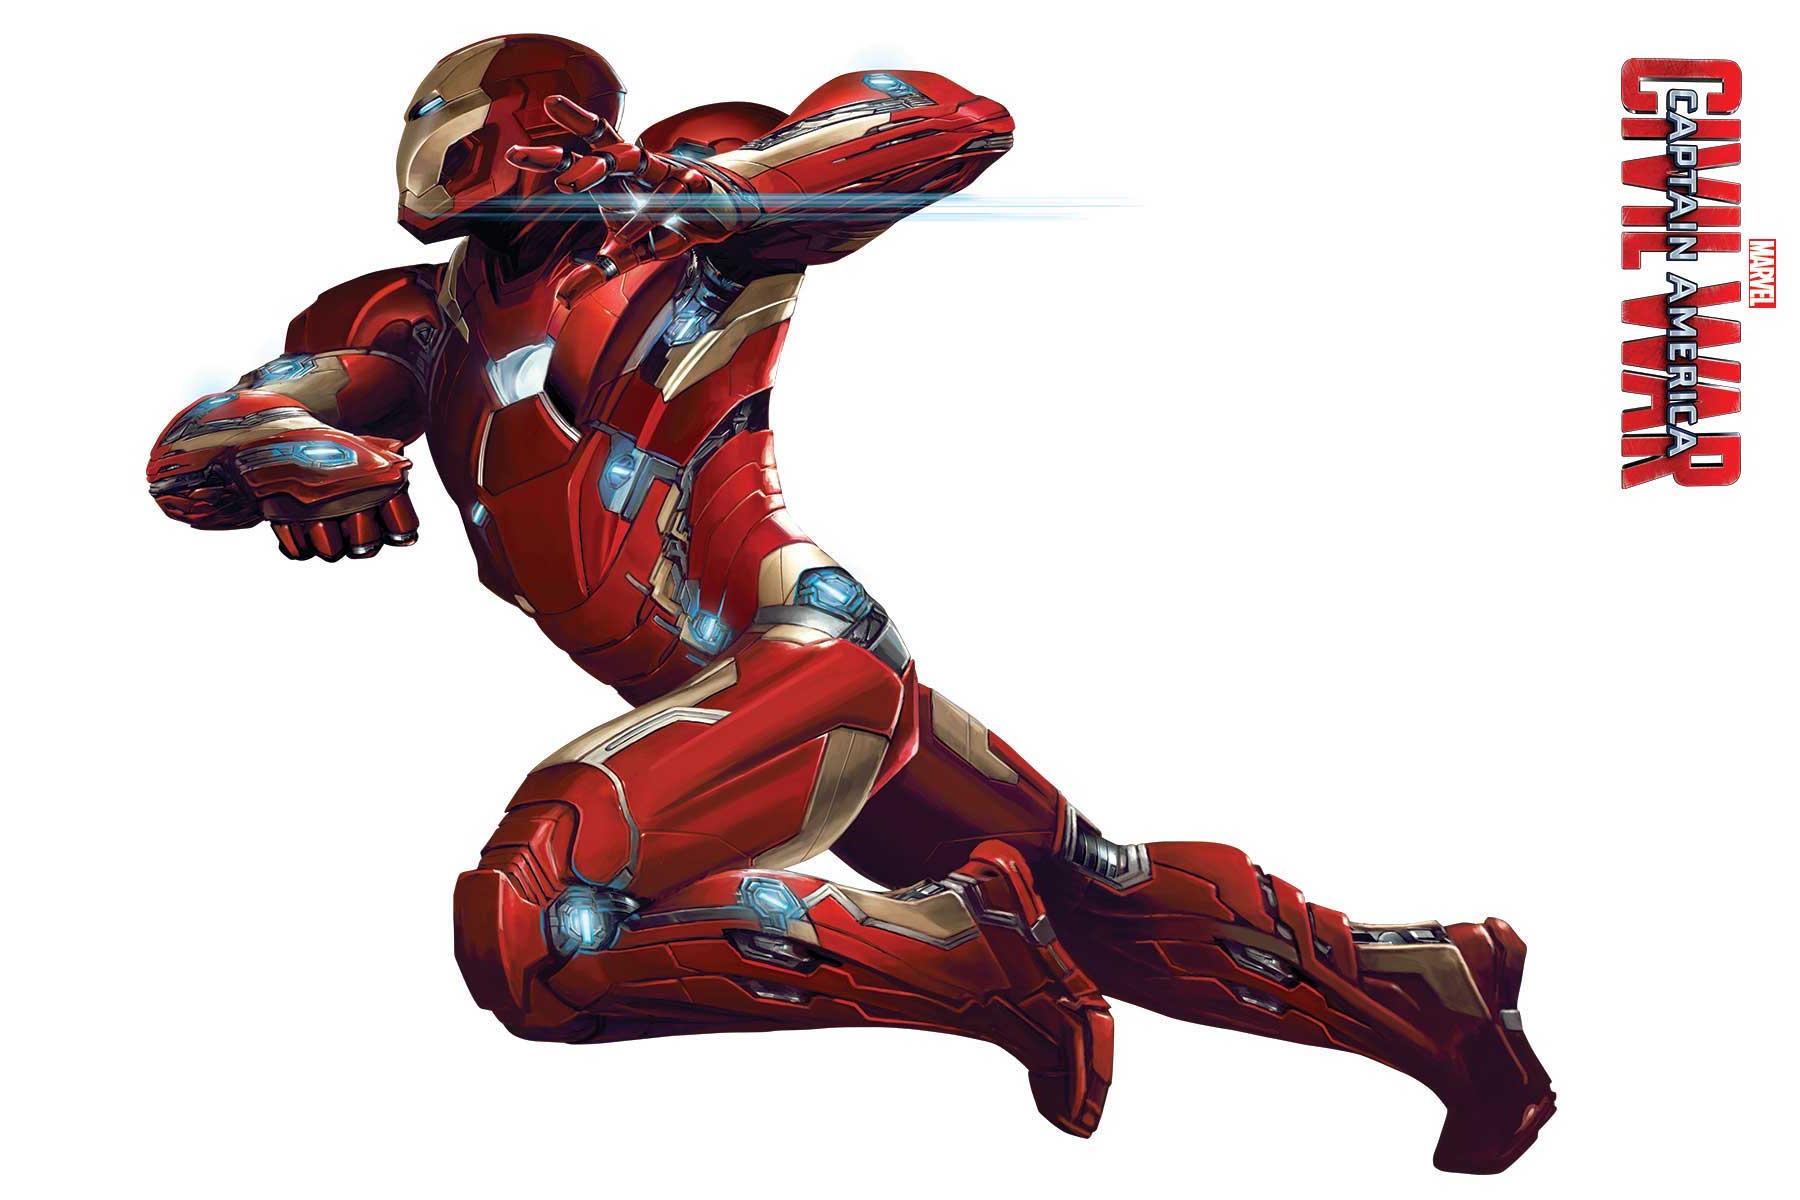 Captain America: Civil War - Un'immagine di Iron Man